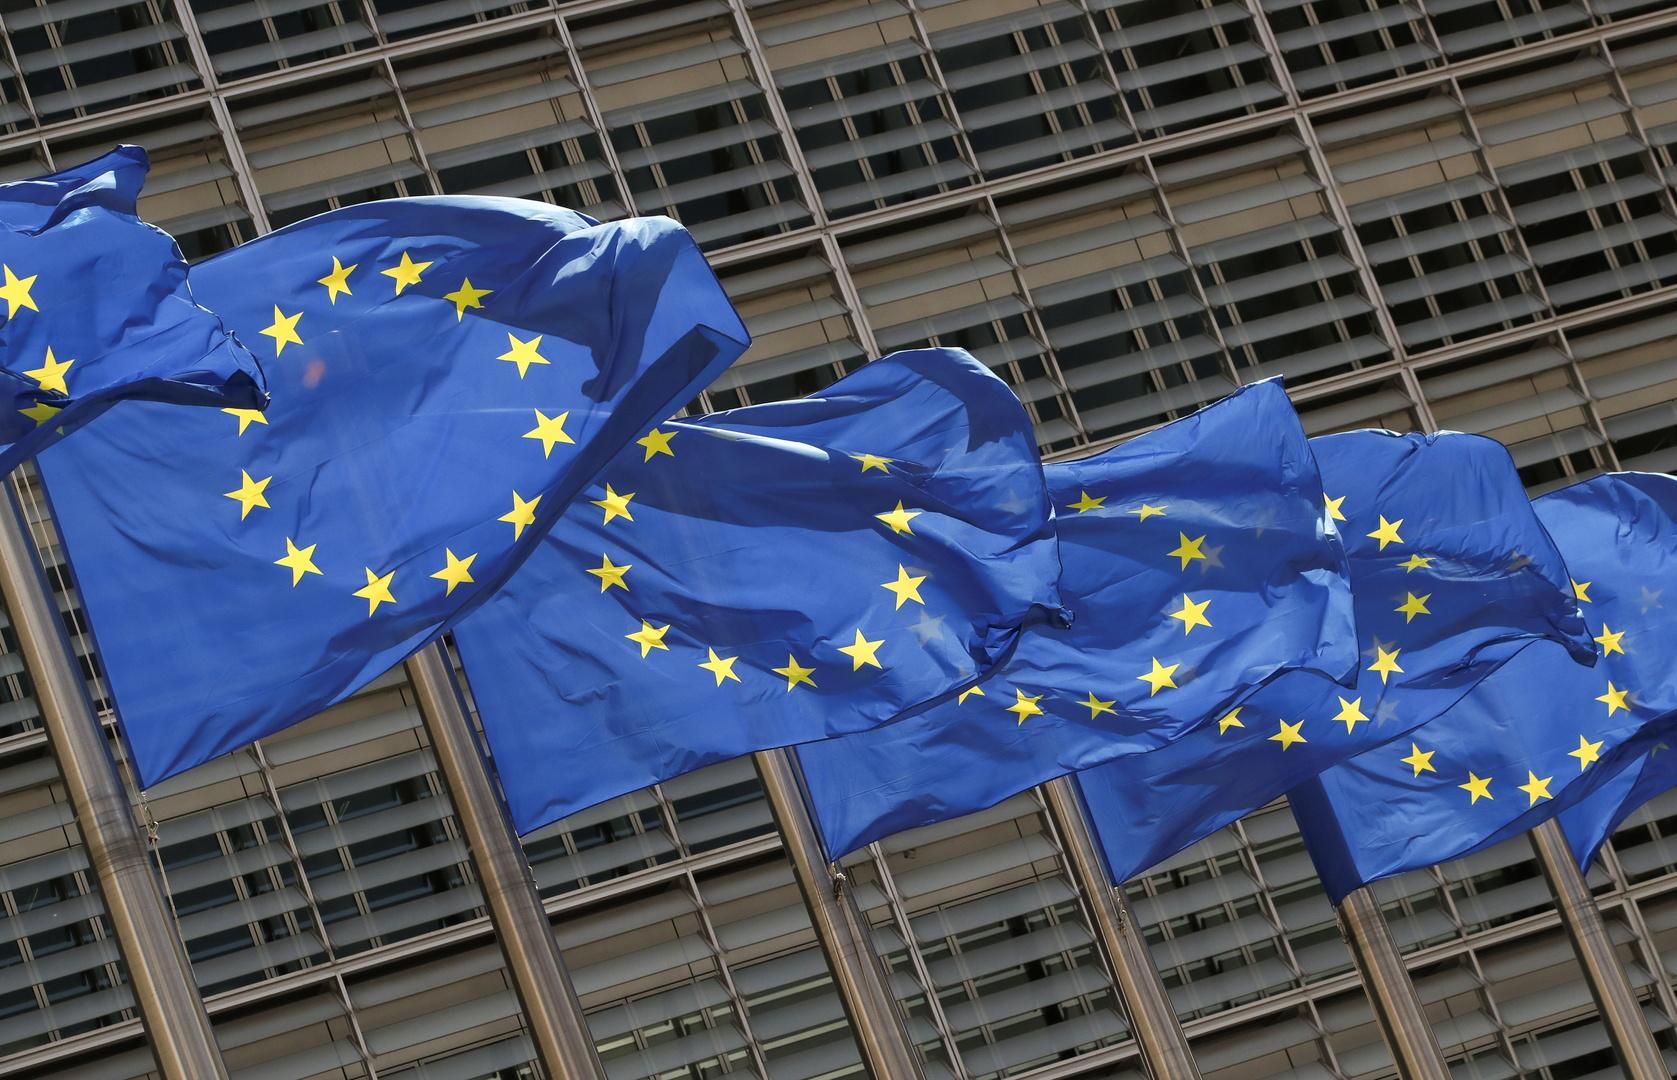 الاتحاد الأوروبي يصادق على الشهادة الصحية وينقسم حول خطة المناخ